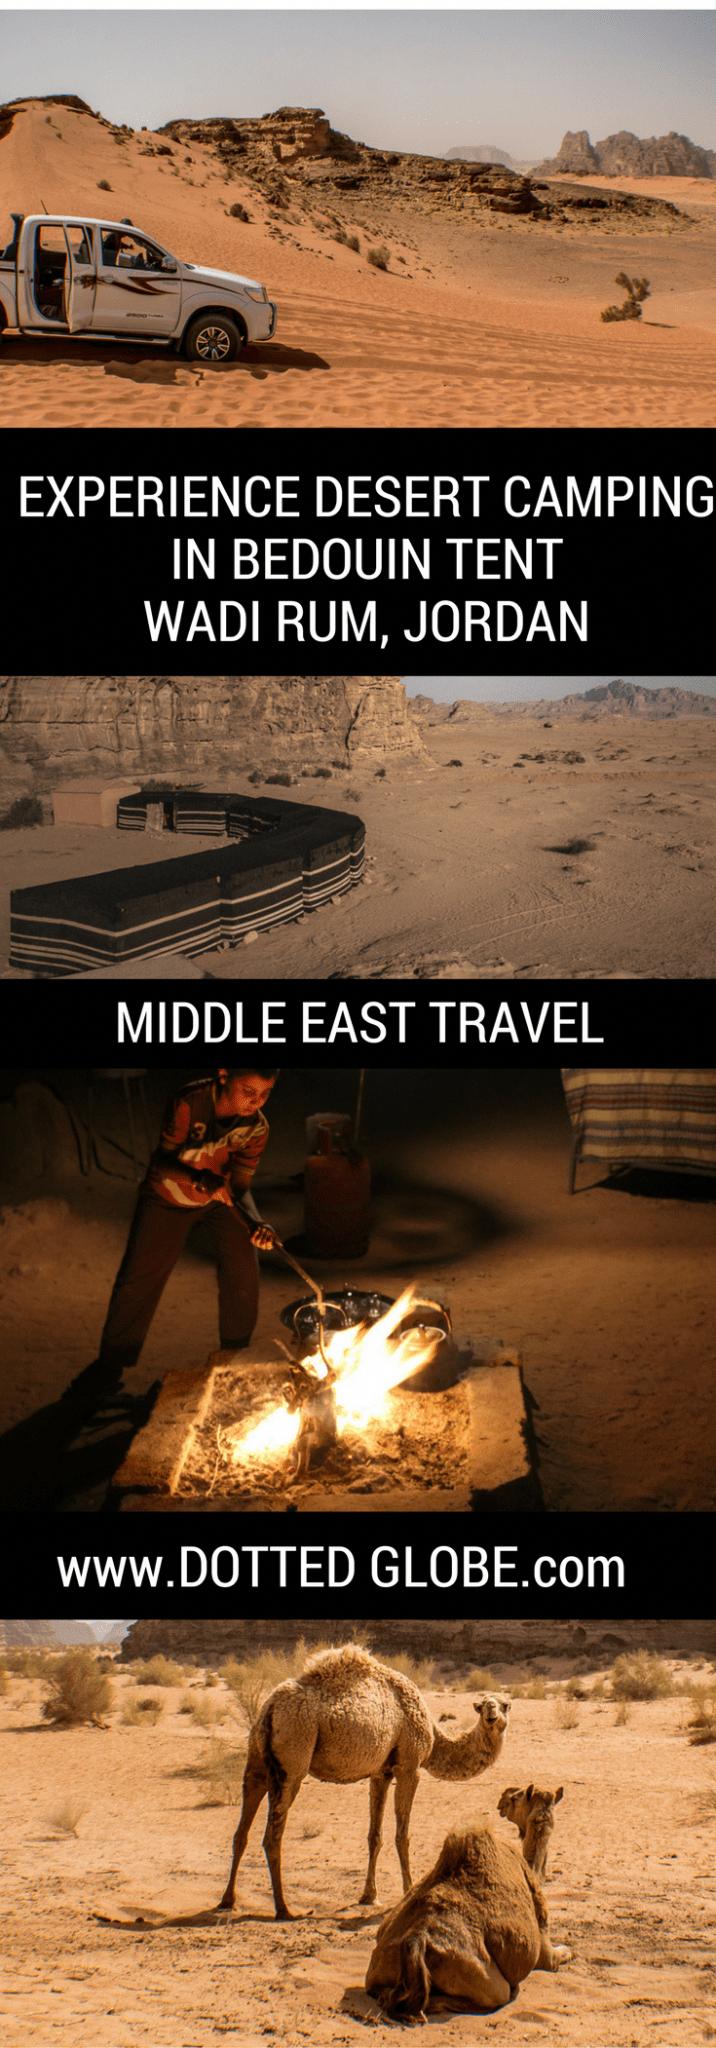 Desert camping in a Bedouin tent in Wadi Rum - DOTTED GLOBE #wadirum